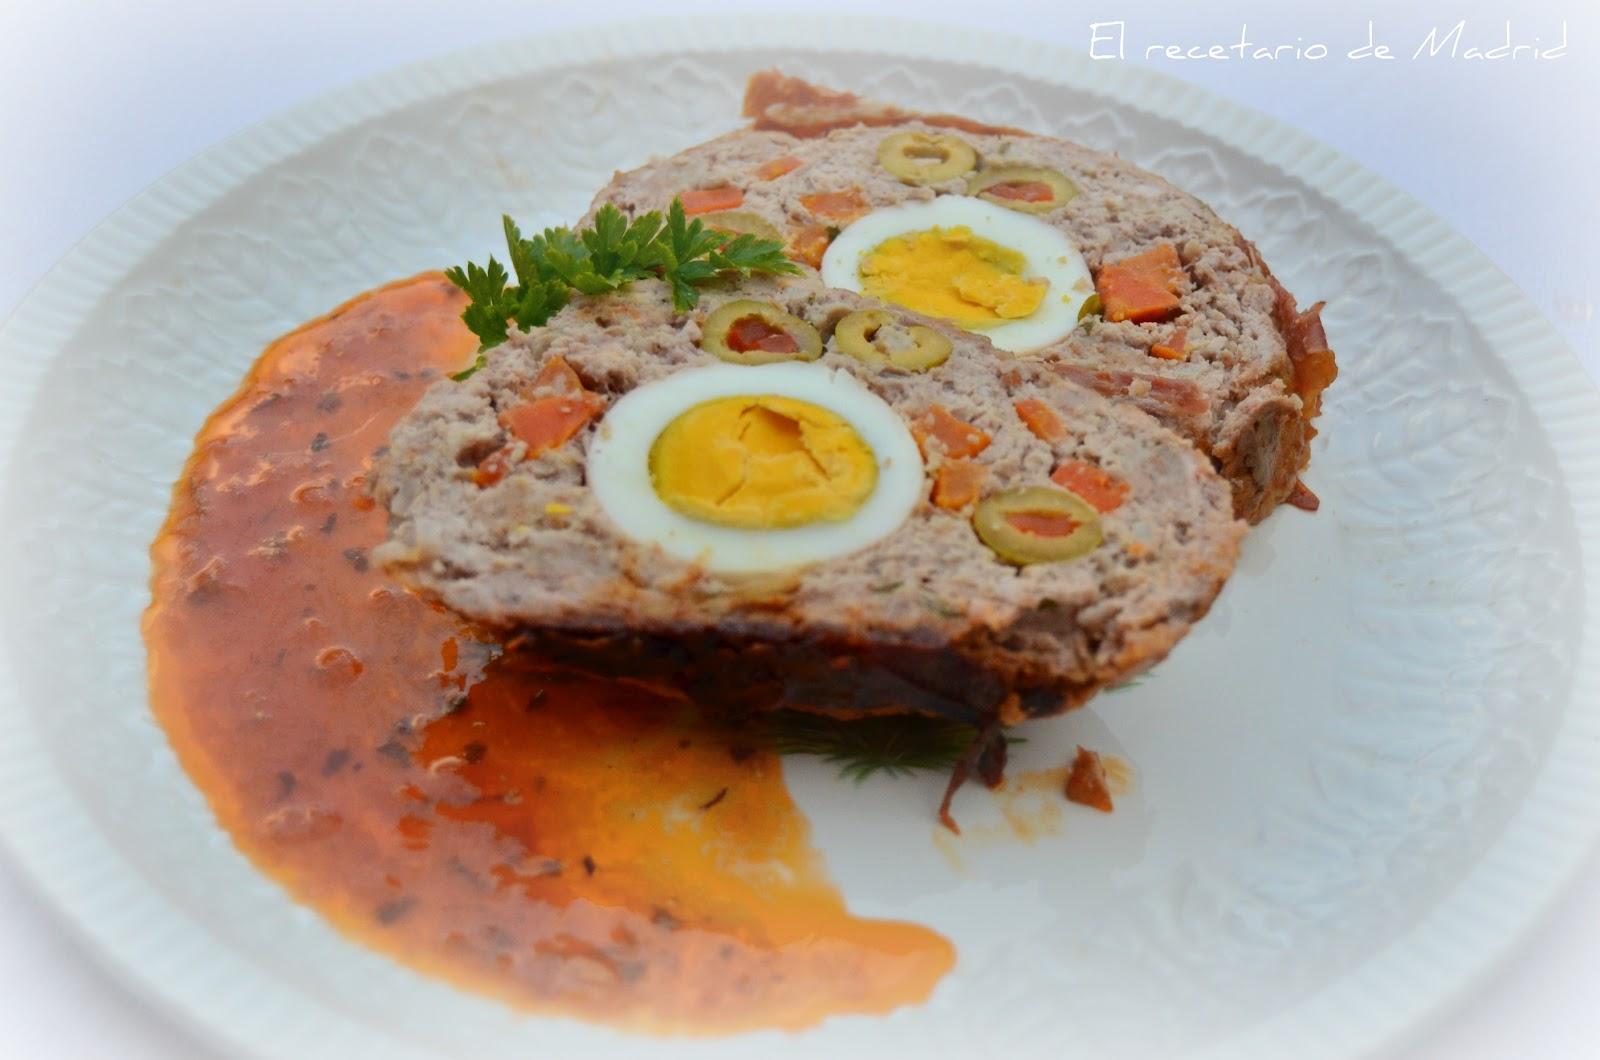 El recetario de mari rollo de carne relleno paso a paso - Salsa para relleno de carne ...